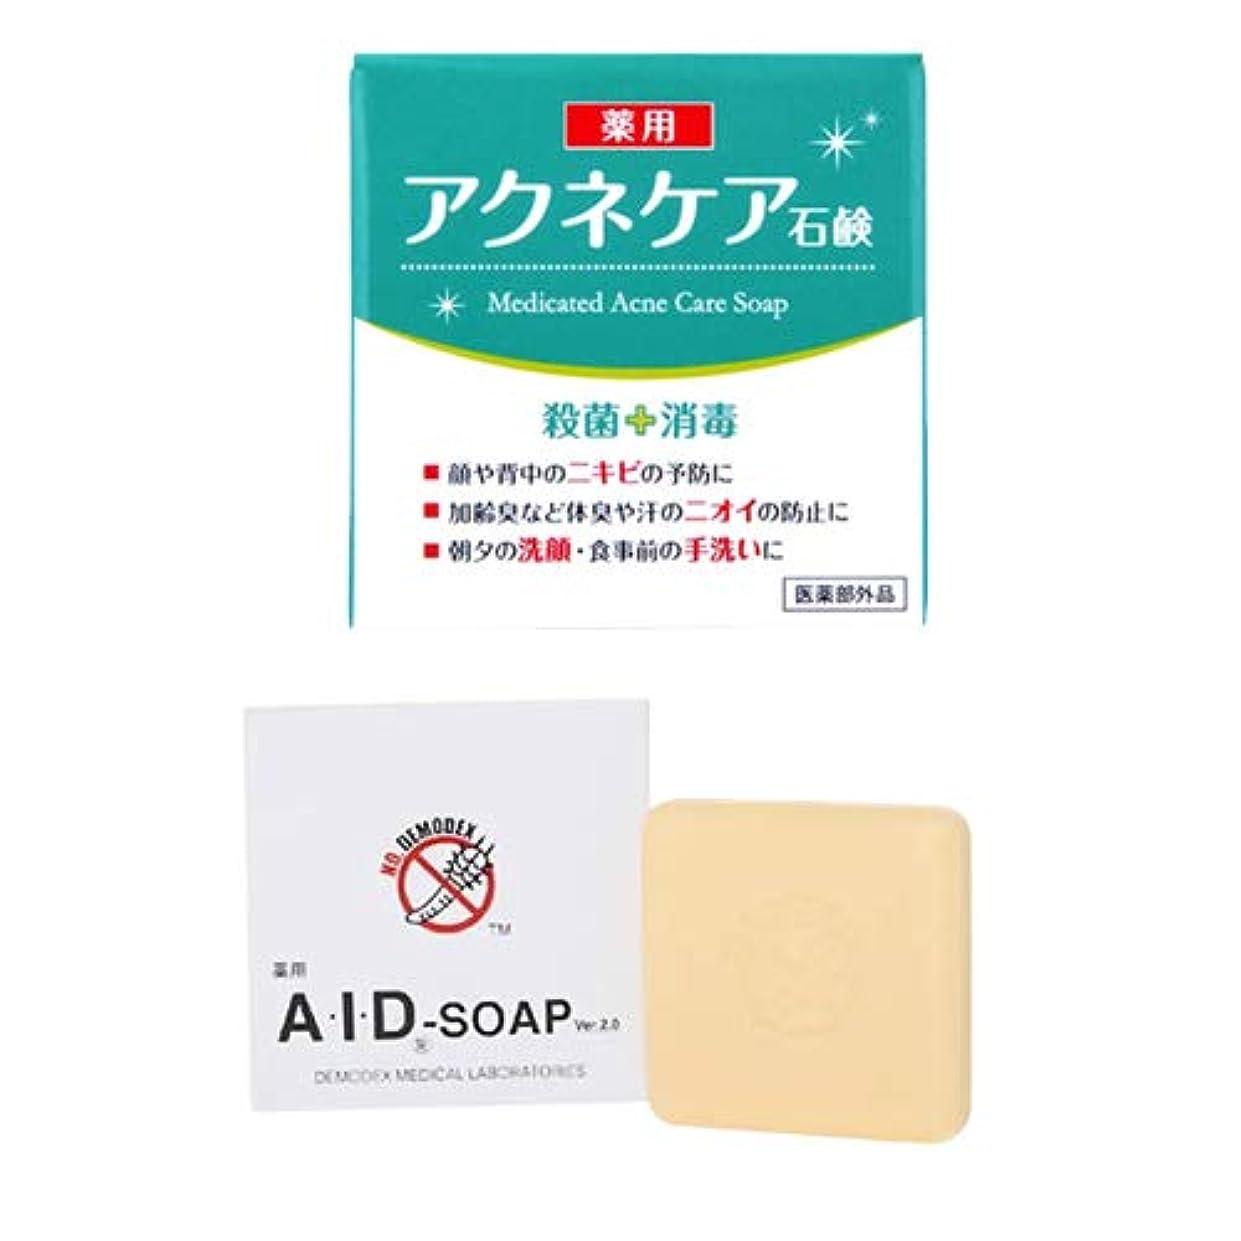 ロッジ専門化する胃医薬部外品 A?I?Dソープ(AIDソープ/aidソープ) 40g + アクネケア 薬用石けん 80gセット